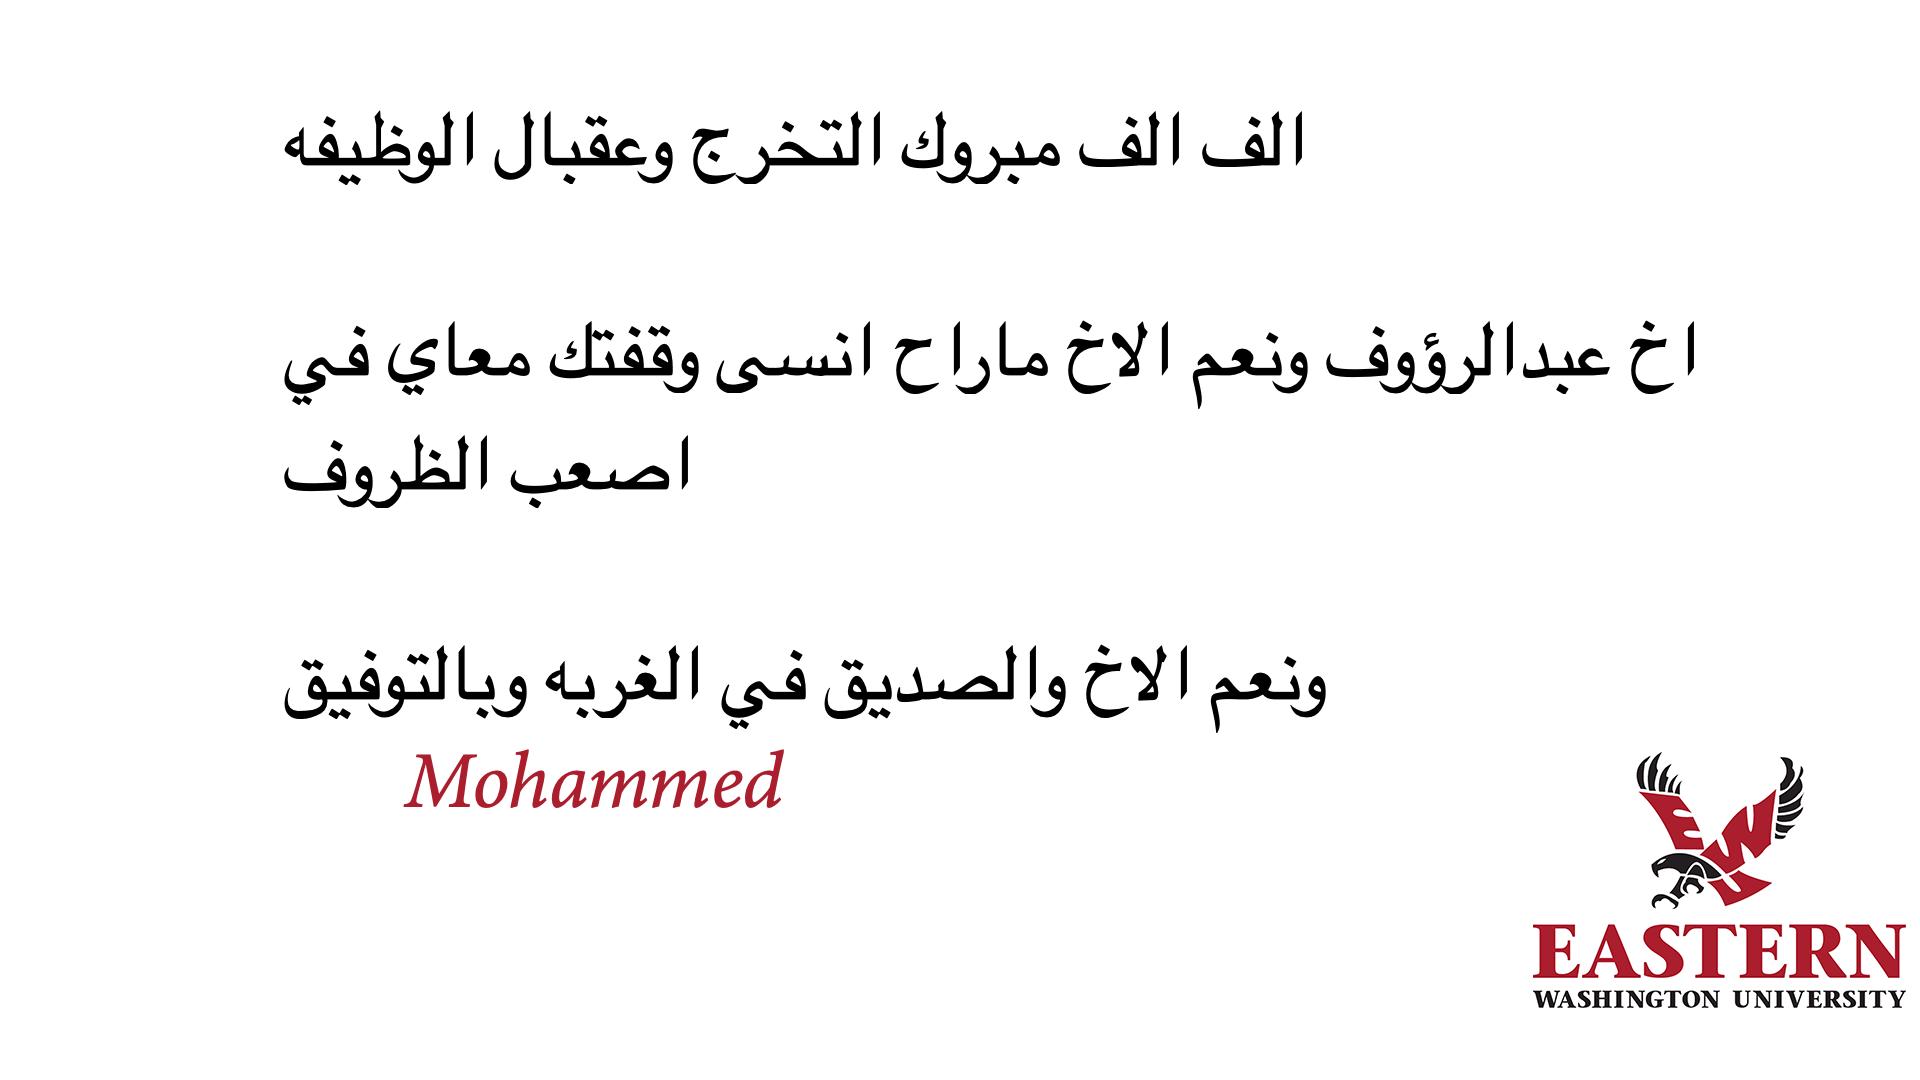 tbi_abdulraouf-abdullah-h-alnashmi_6506.png